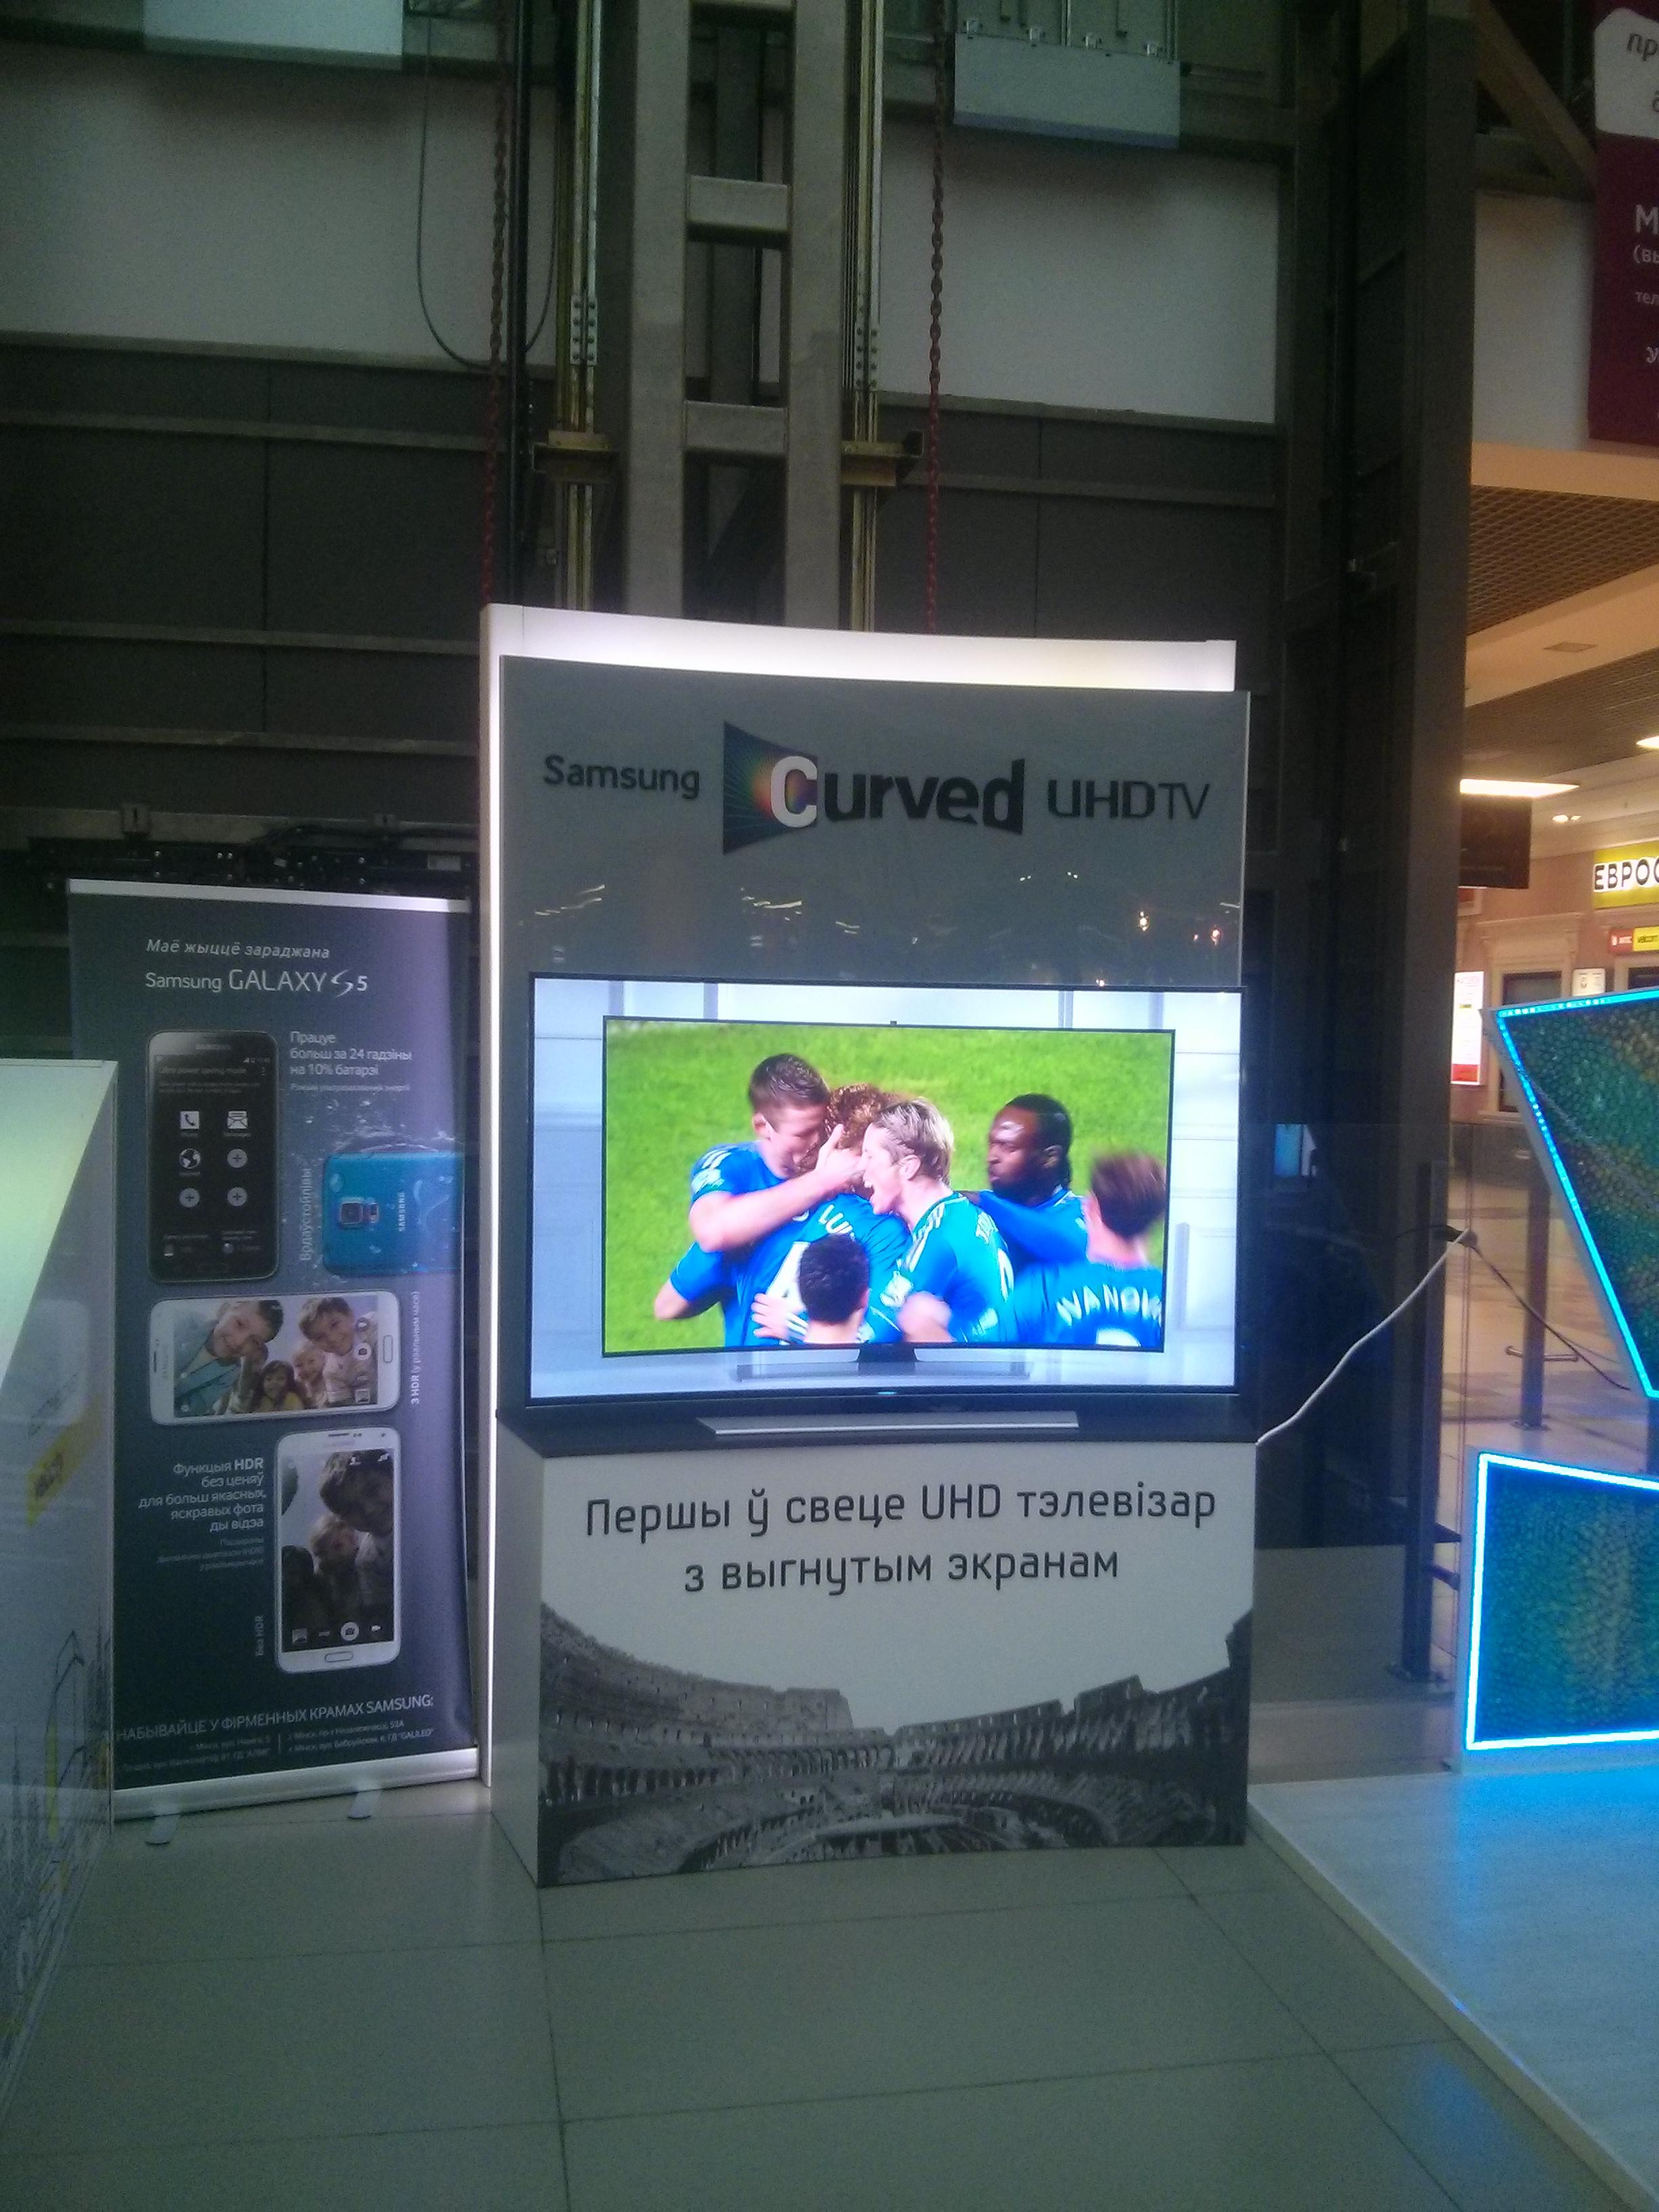 3 - Презентационная стойка для изогнутых TV Samsung